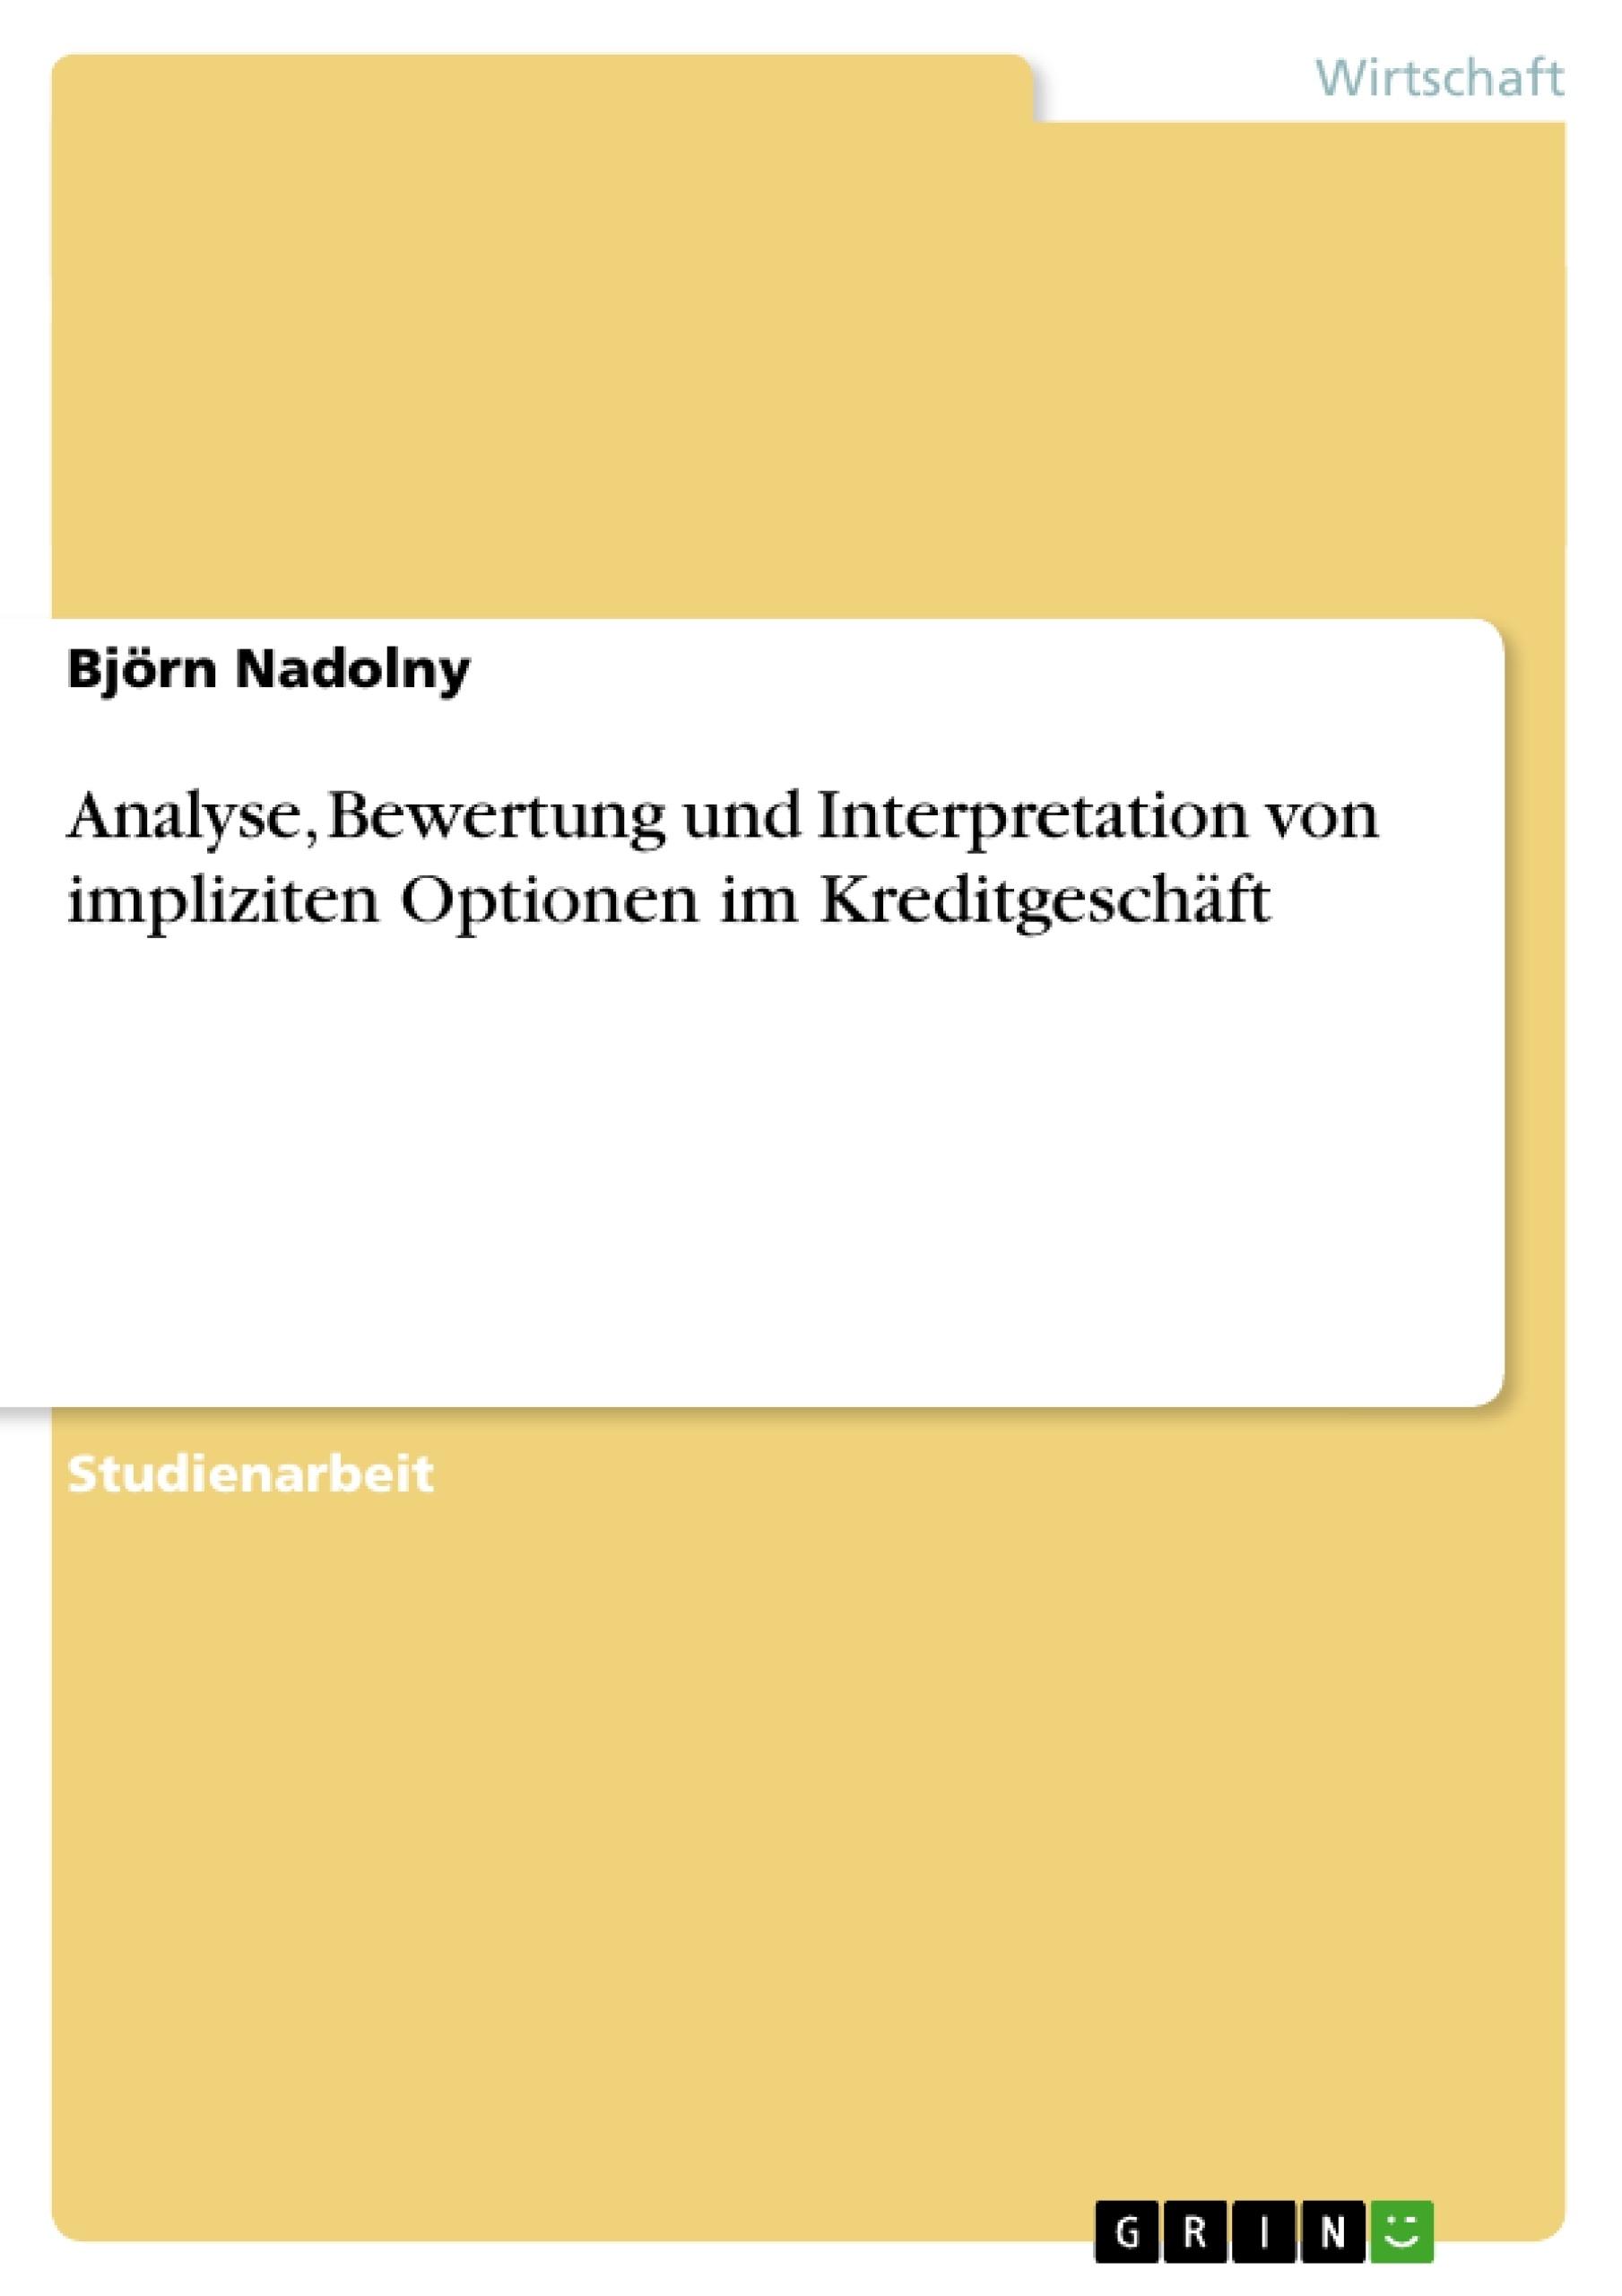 Titel: Analyse, Bewertung und Interpretation von impliziten Optionen im Kreditgeschäft